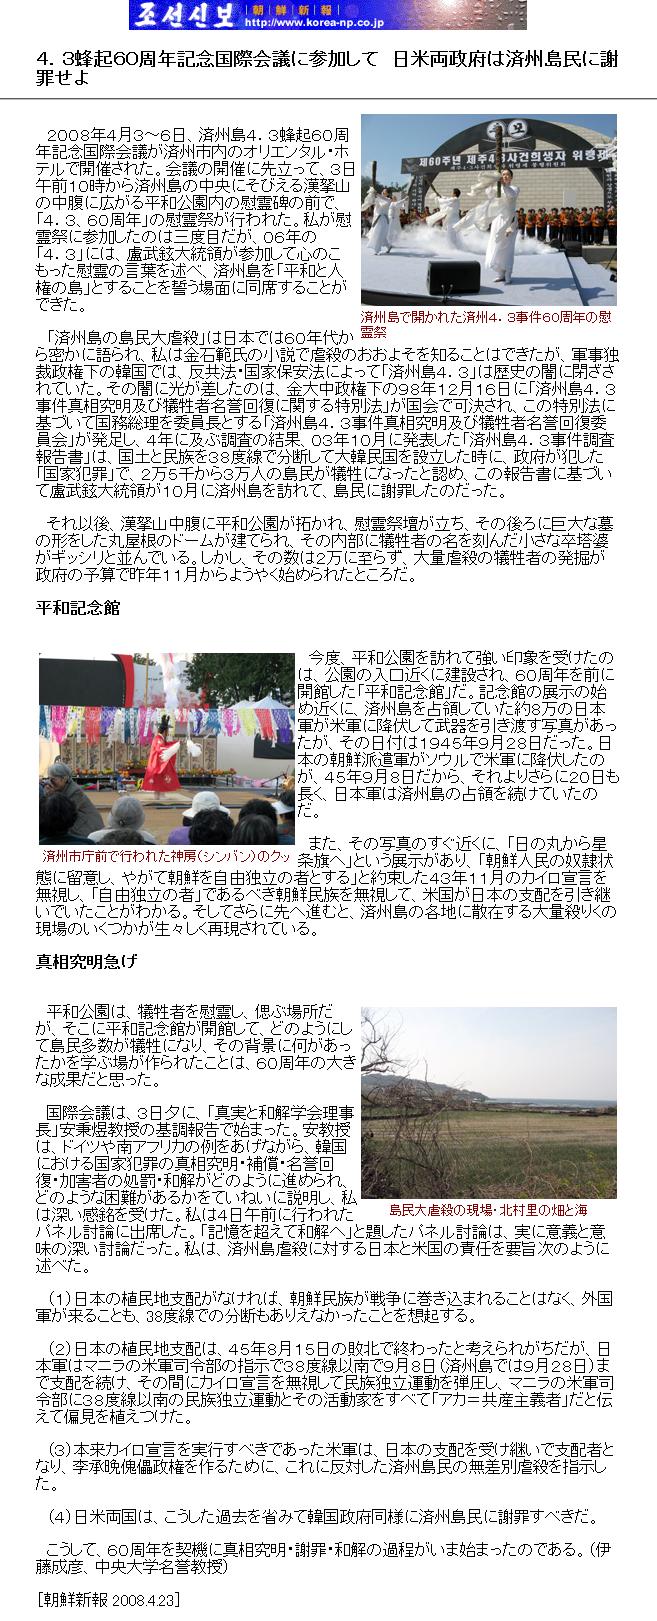 日米両政府は済州島民に謝罪せよ'